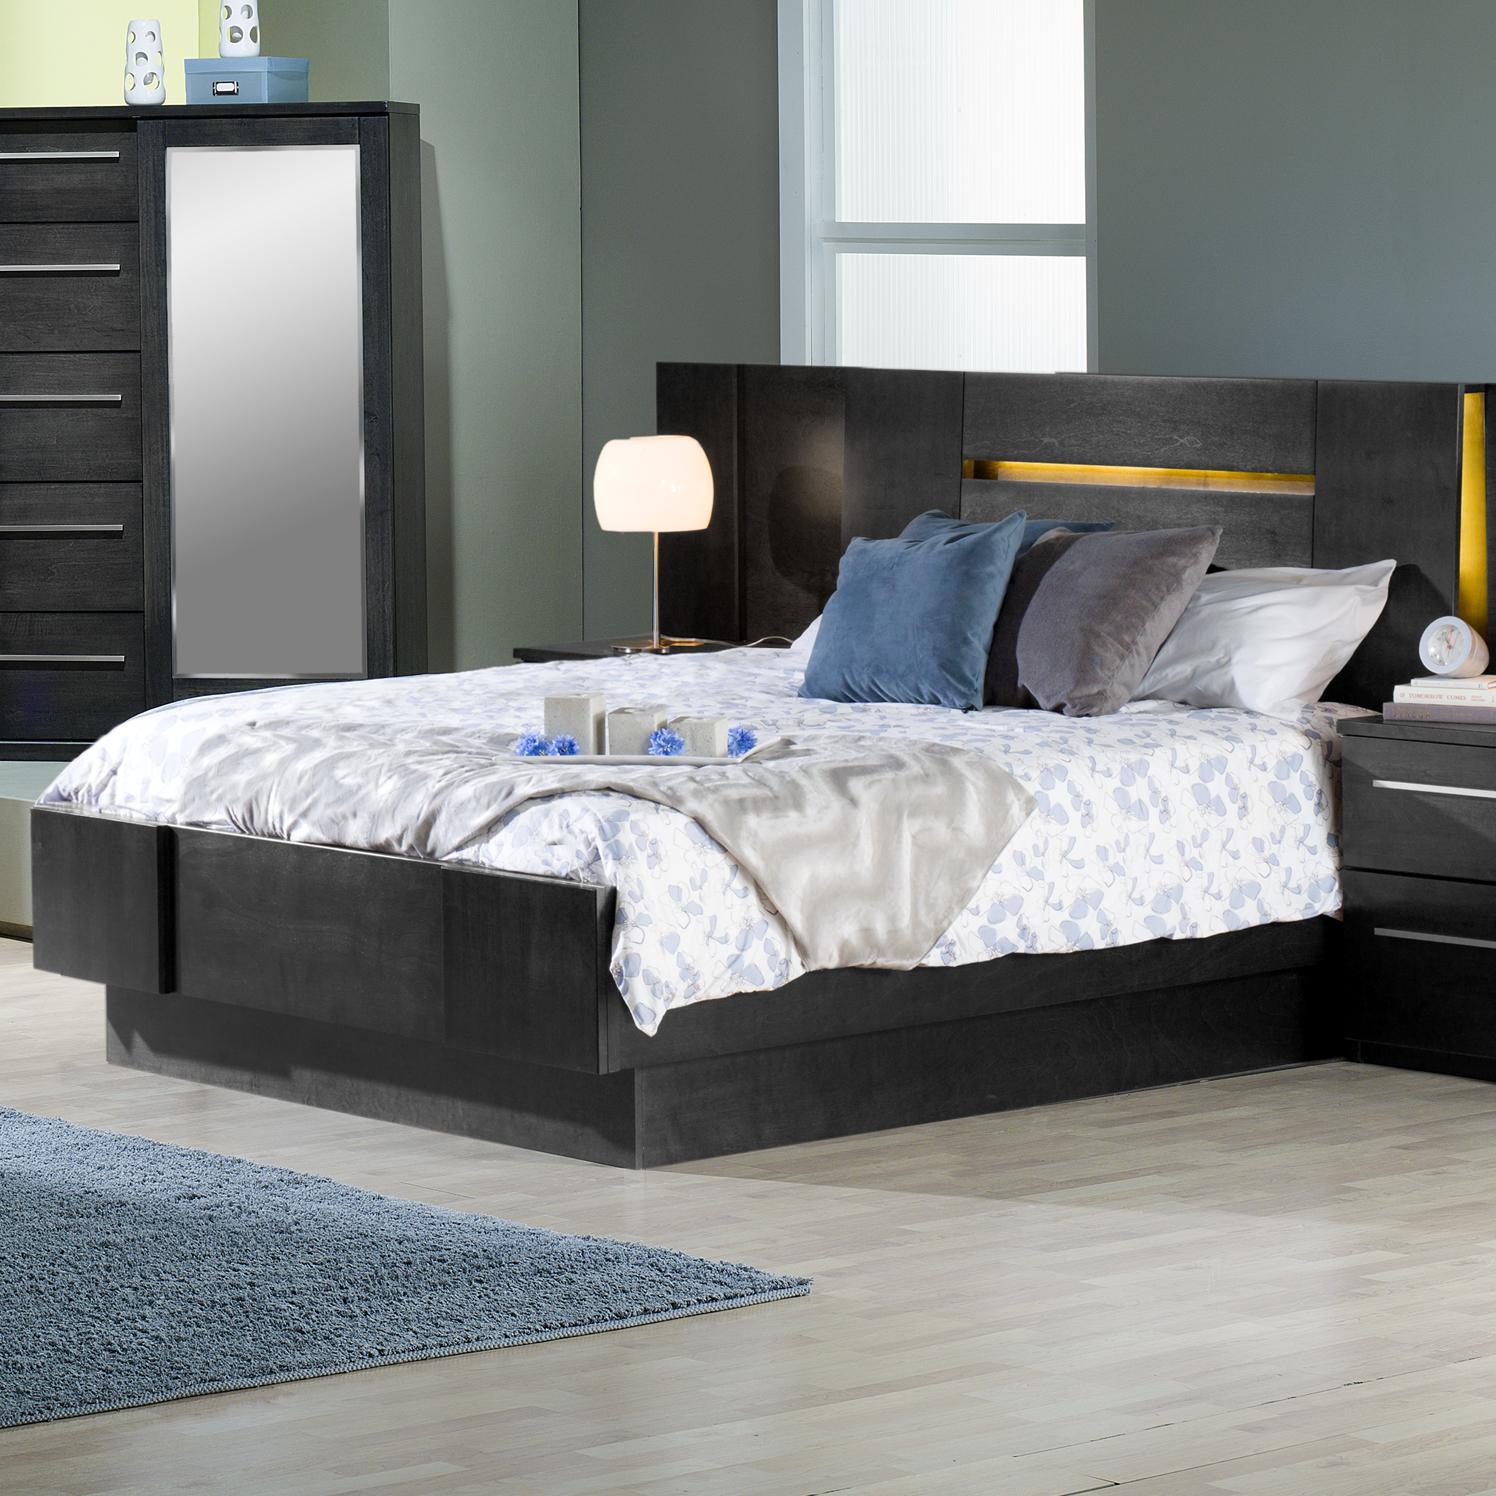 Queen Platform Bed with 2 Nightstands